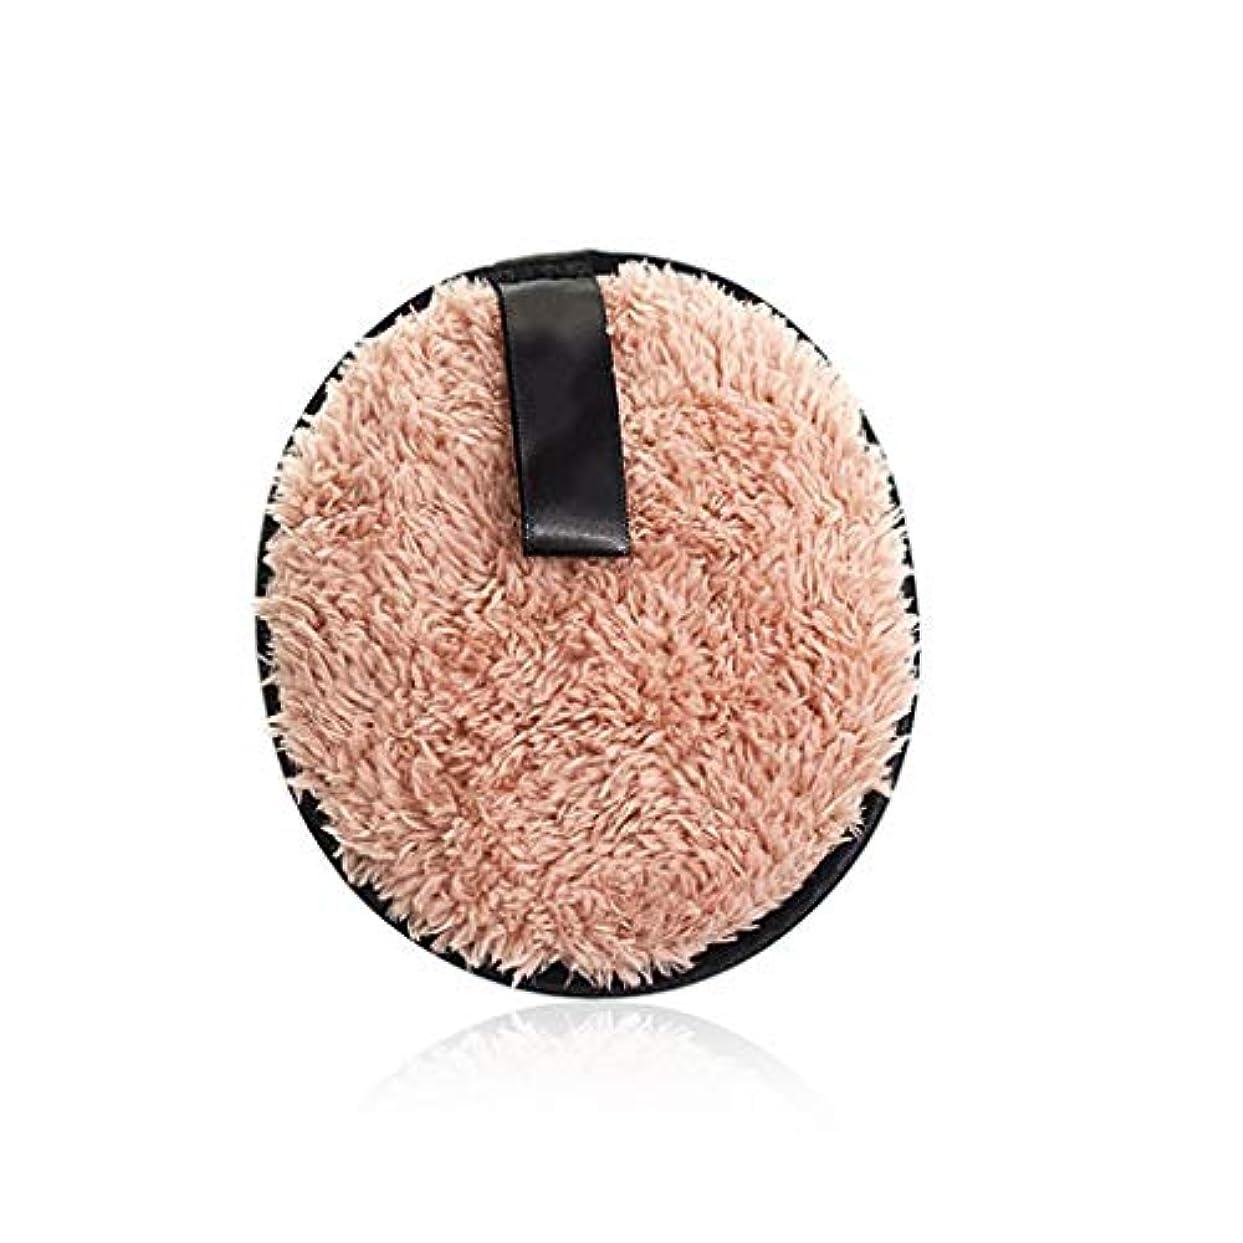 フェイスメイクアップリムーバーソフトスポンジコットンメイクアップリムーバークロスパウダーパフ洗顔ワイプ再利用可能な洗えるパッド (Color : Light brown, サイズ : 4.7*4.7*0.7inch)